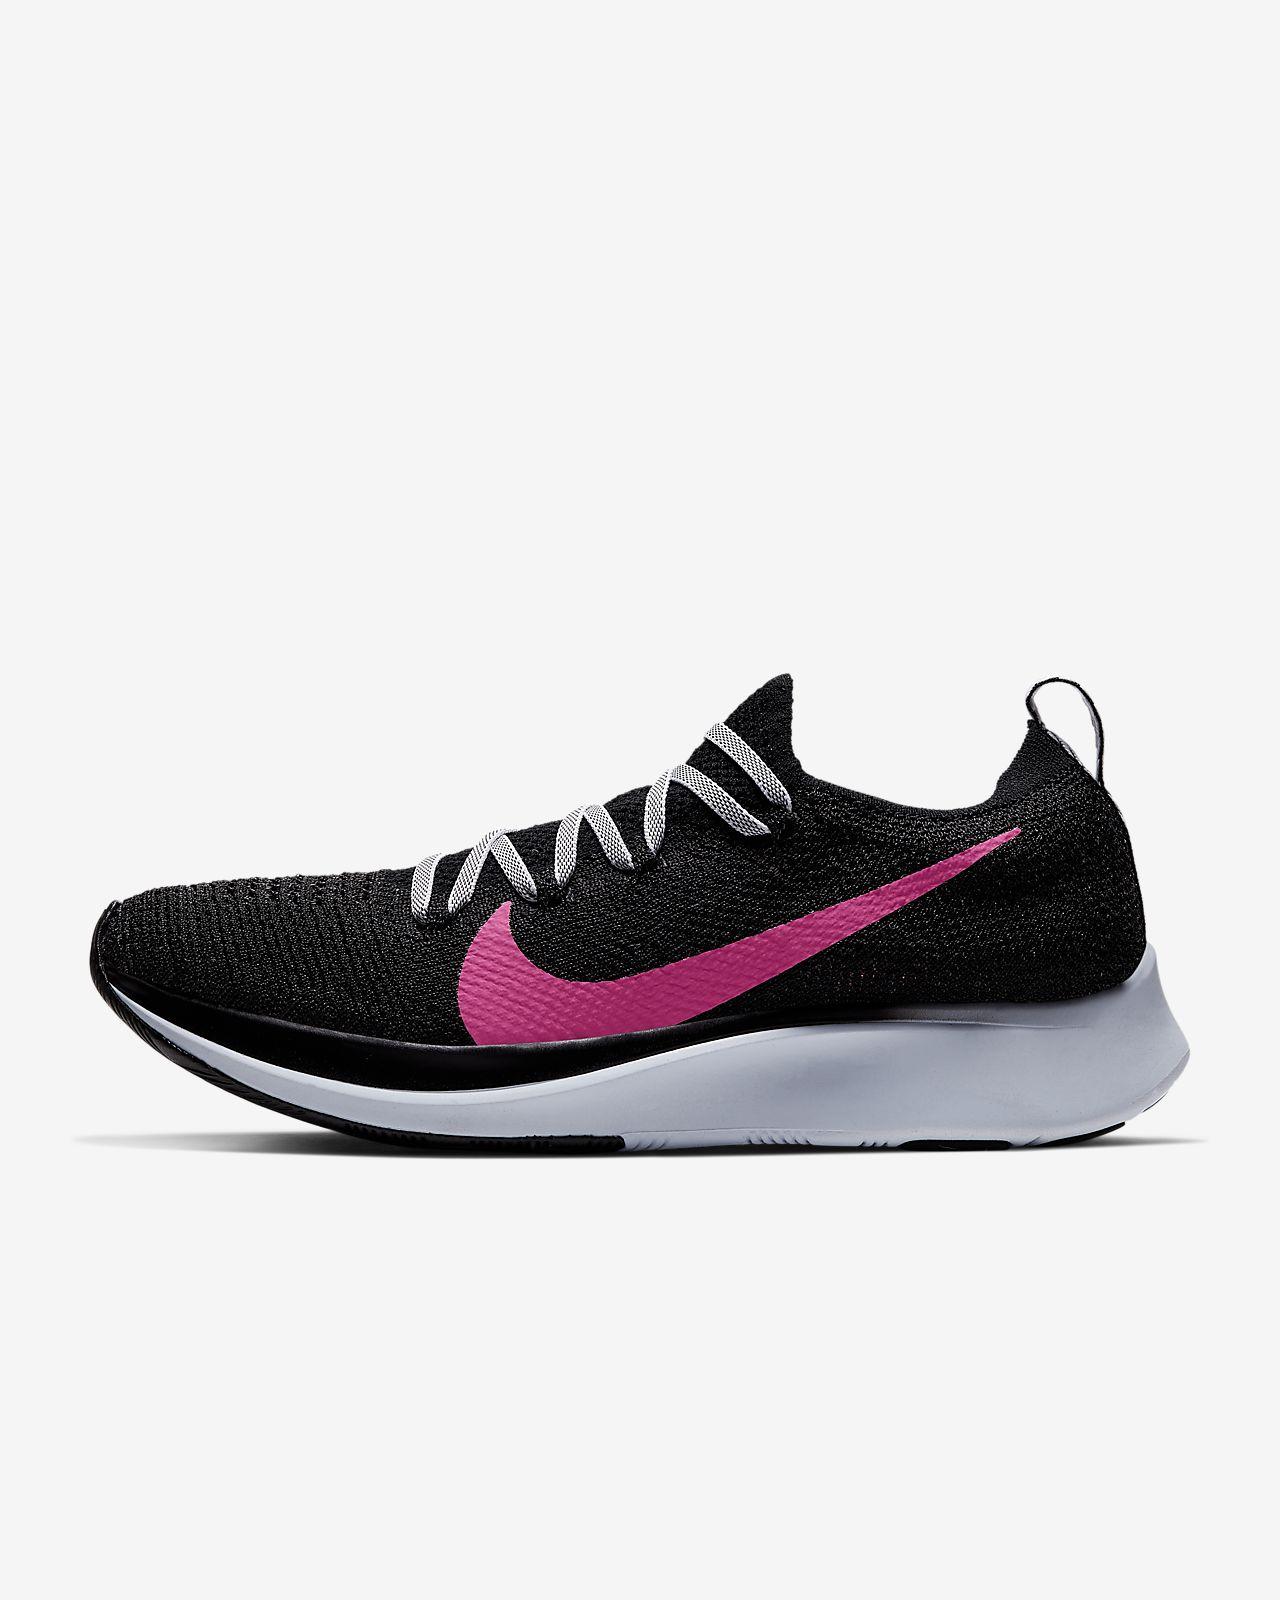 Damskie buty do biegania Nike Zoom Fly Flyknit